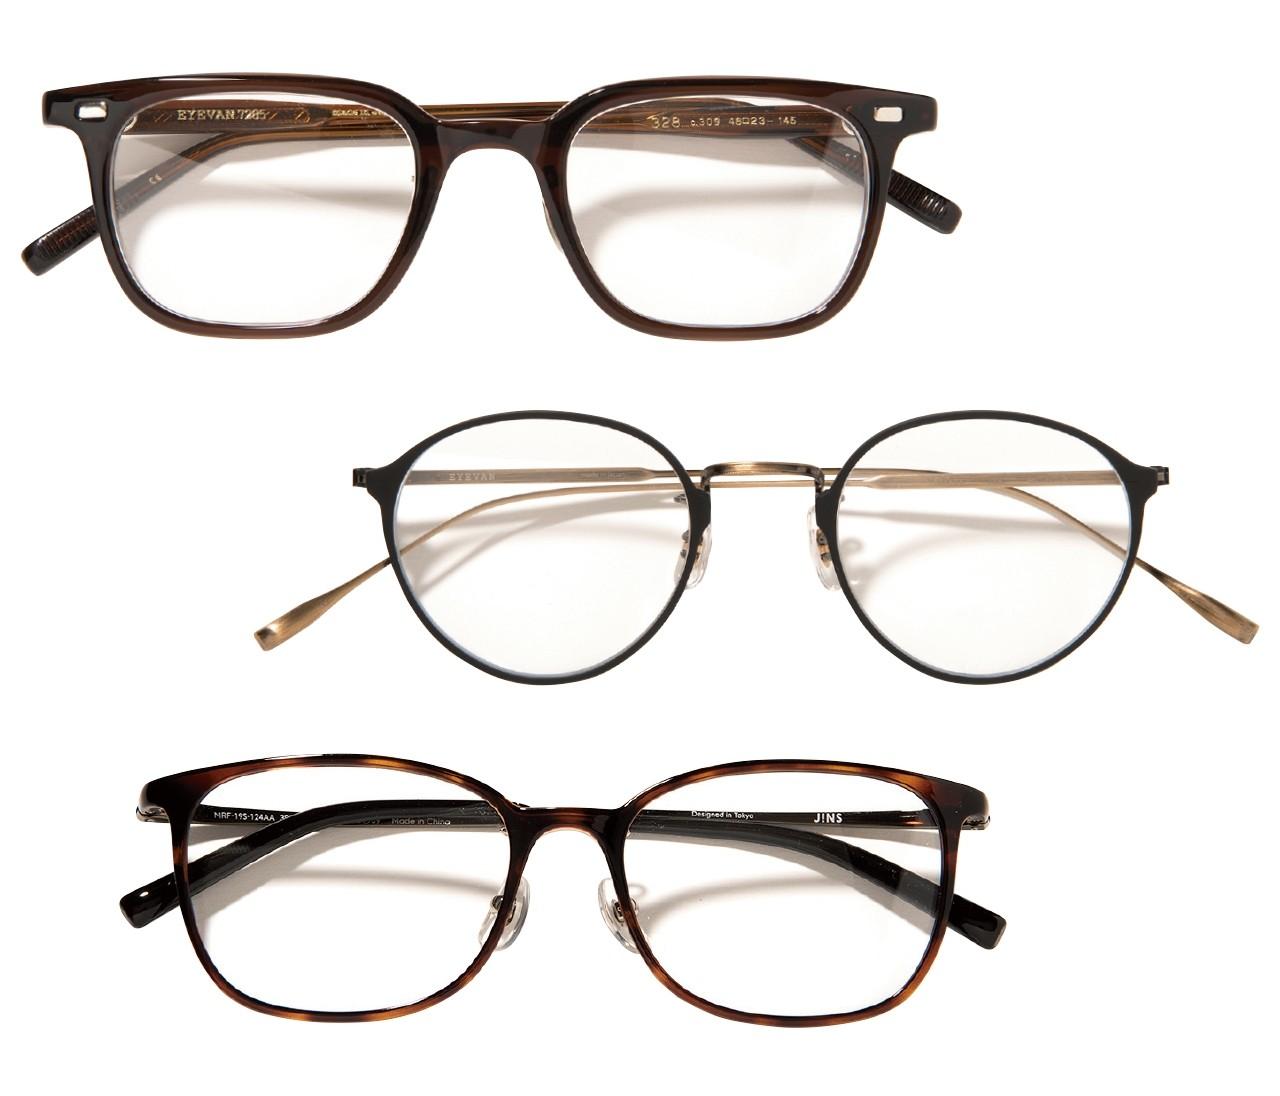 【美人メガネ】素敵にメガネをかけるためのコツ&メイクとは?